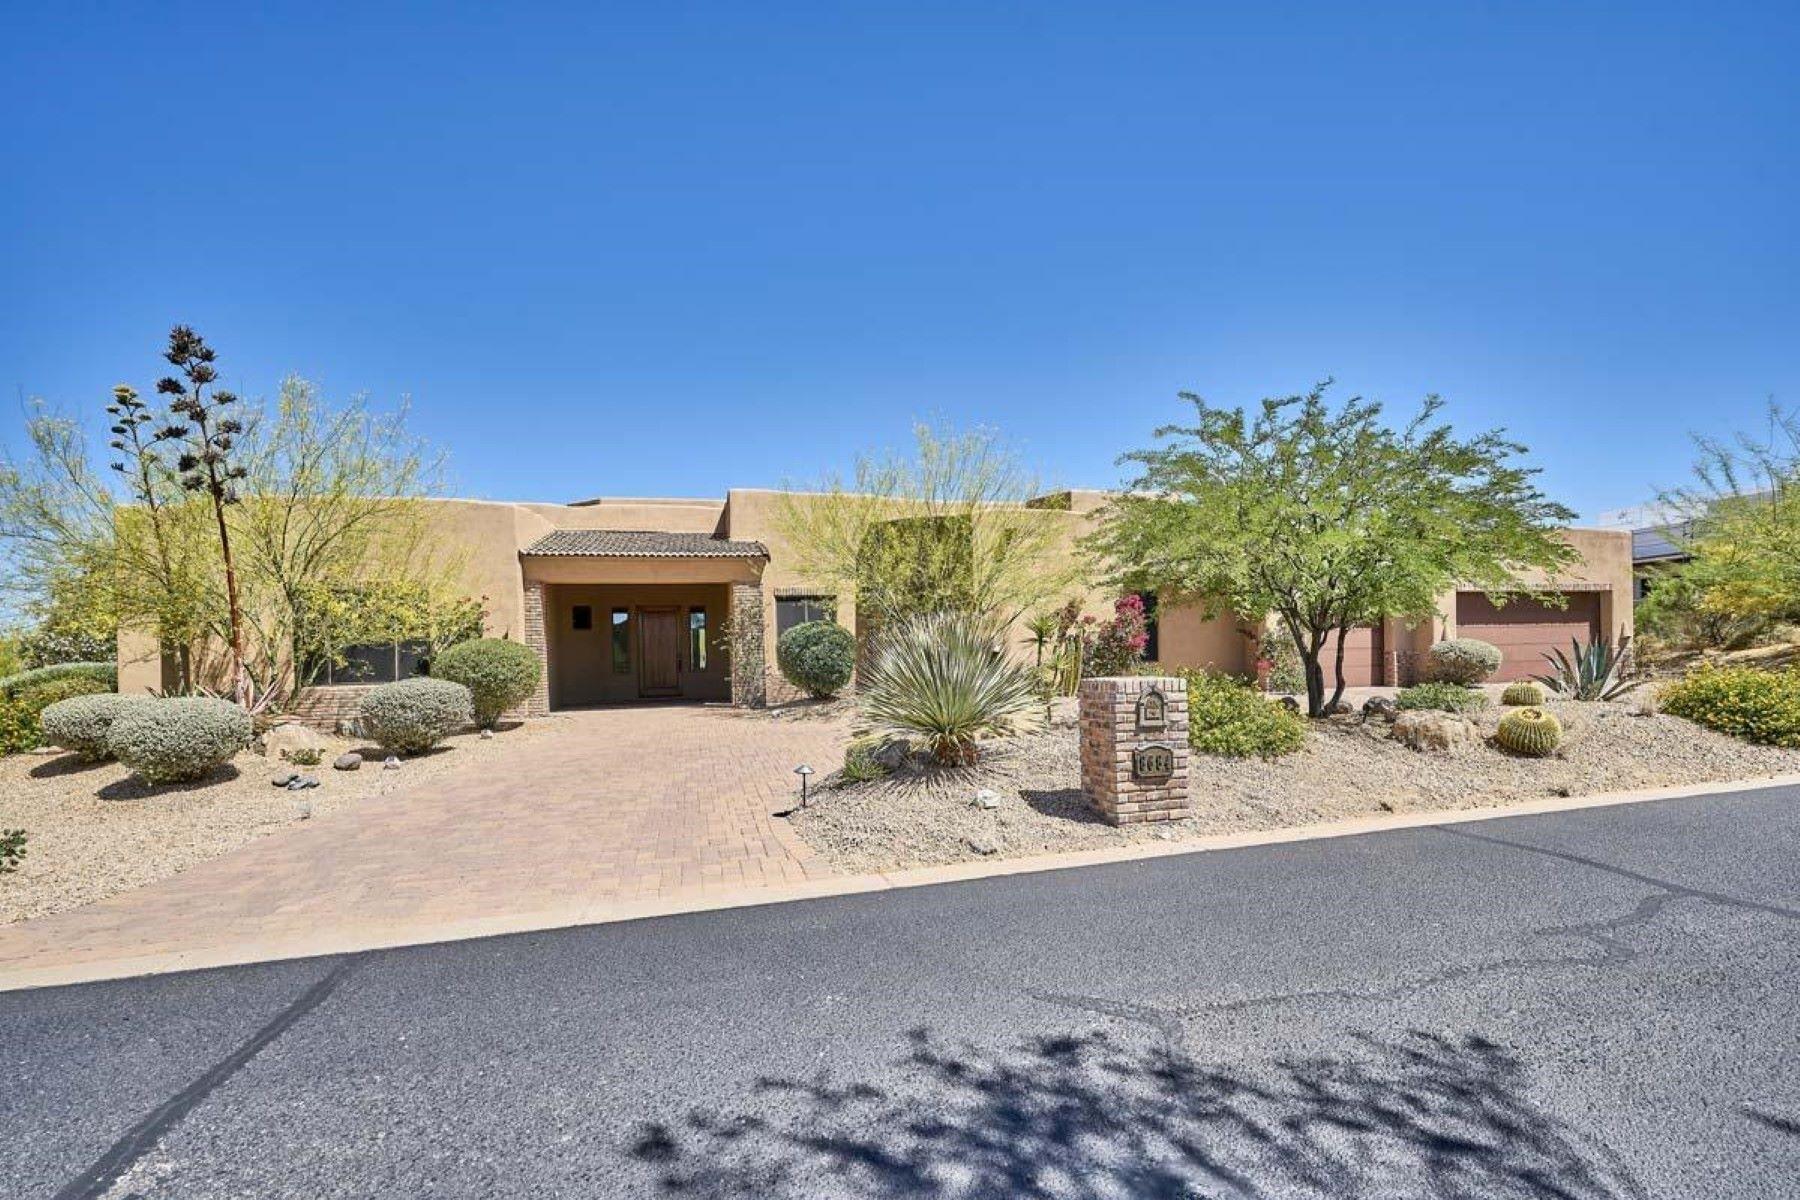 단독 가정 주택 용 매매 에 Classic LaBlonde Custom Santa Fe Style Home 8684 E Arroyo Seco Rd Scottsdale, 아리조나, 85266 미국